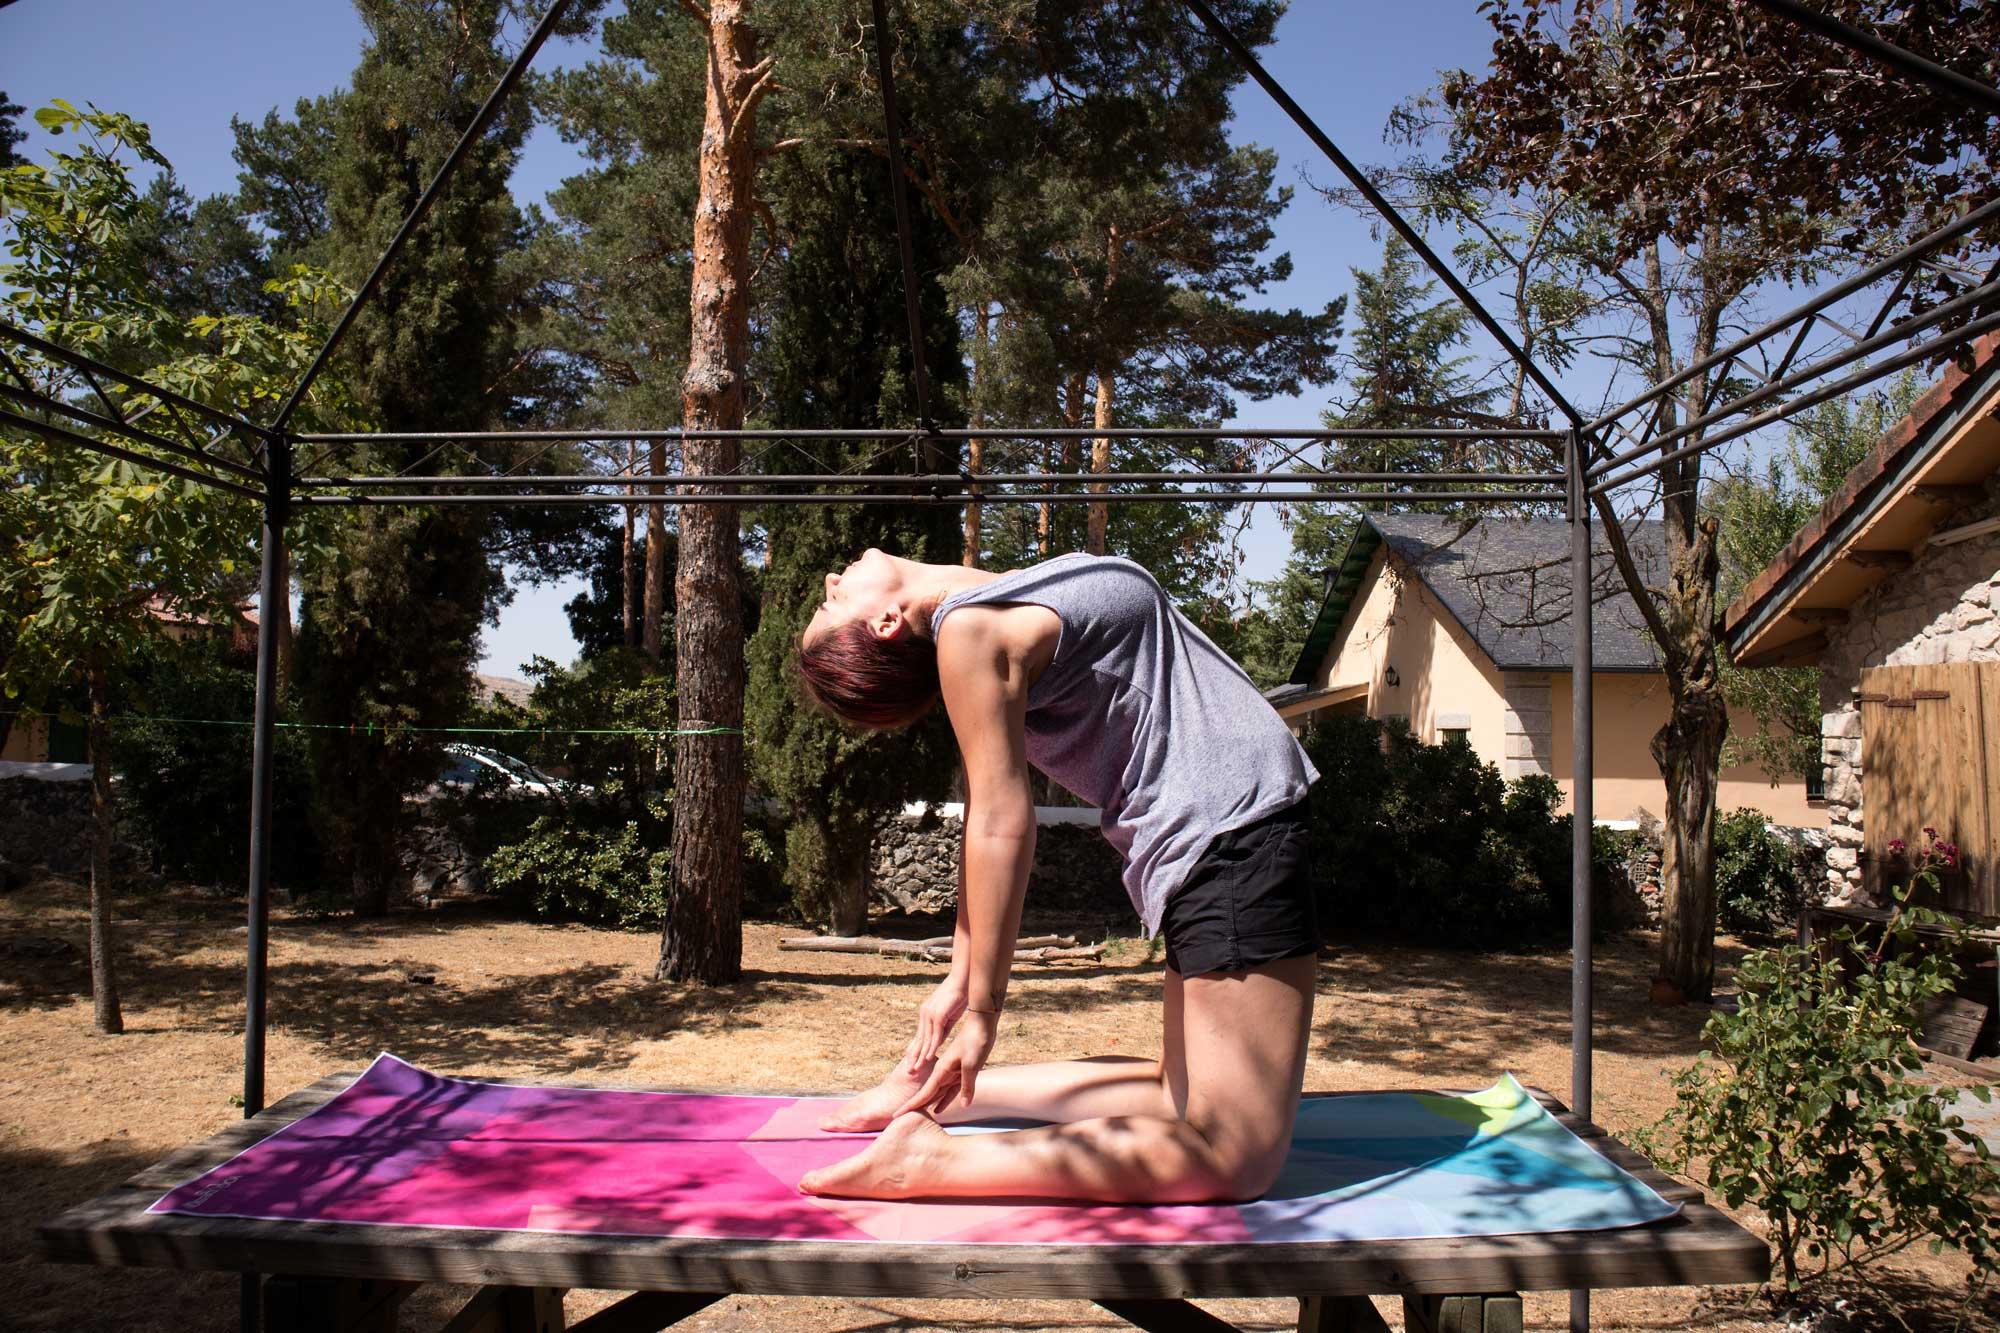 Postura yoga camello